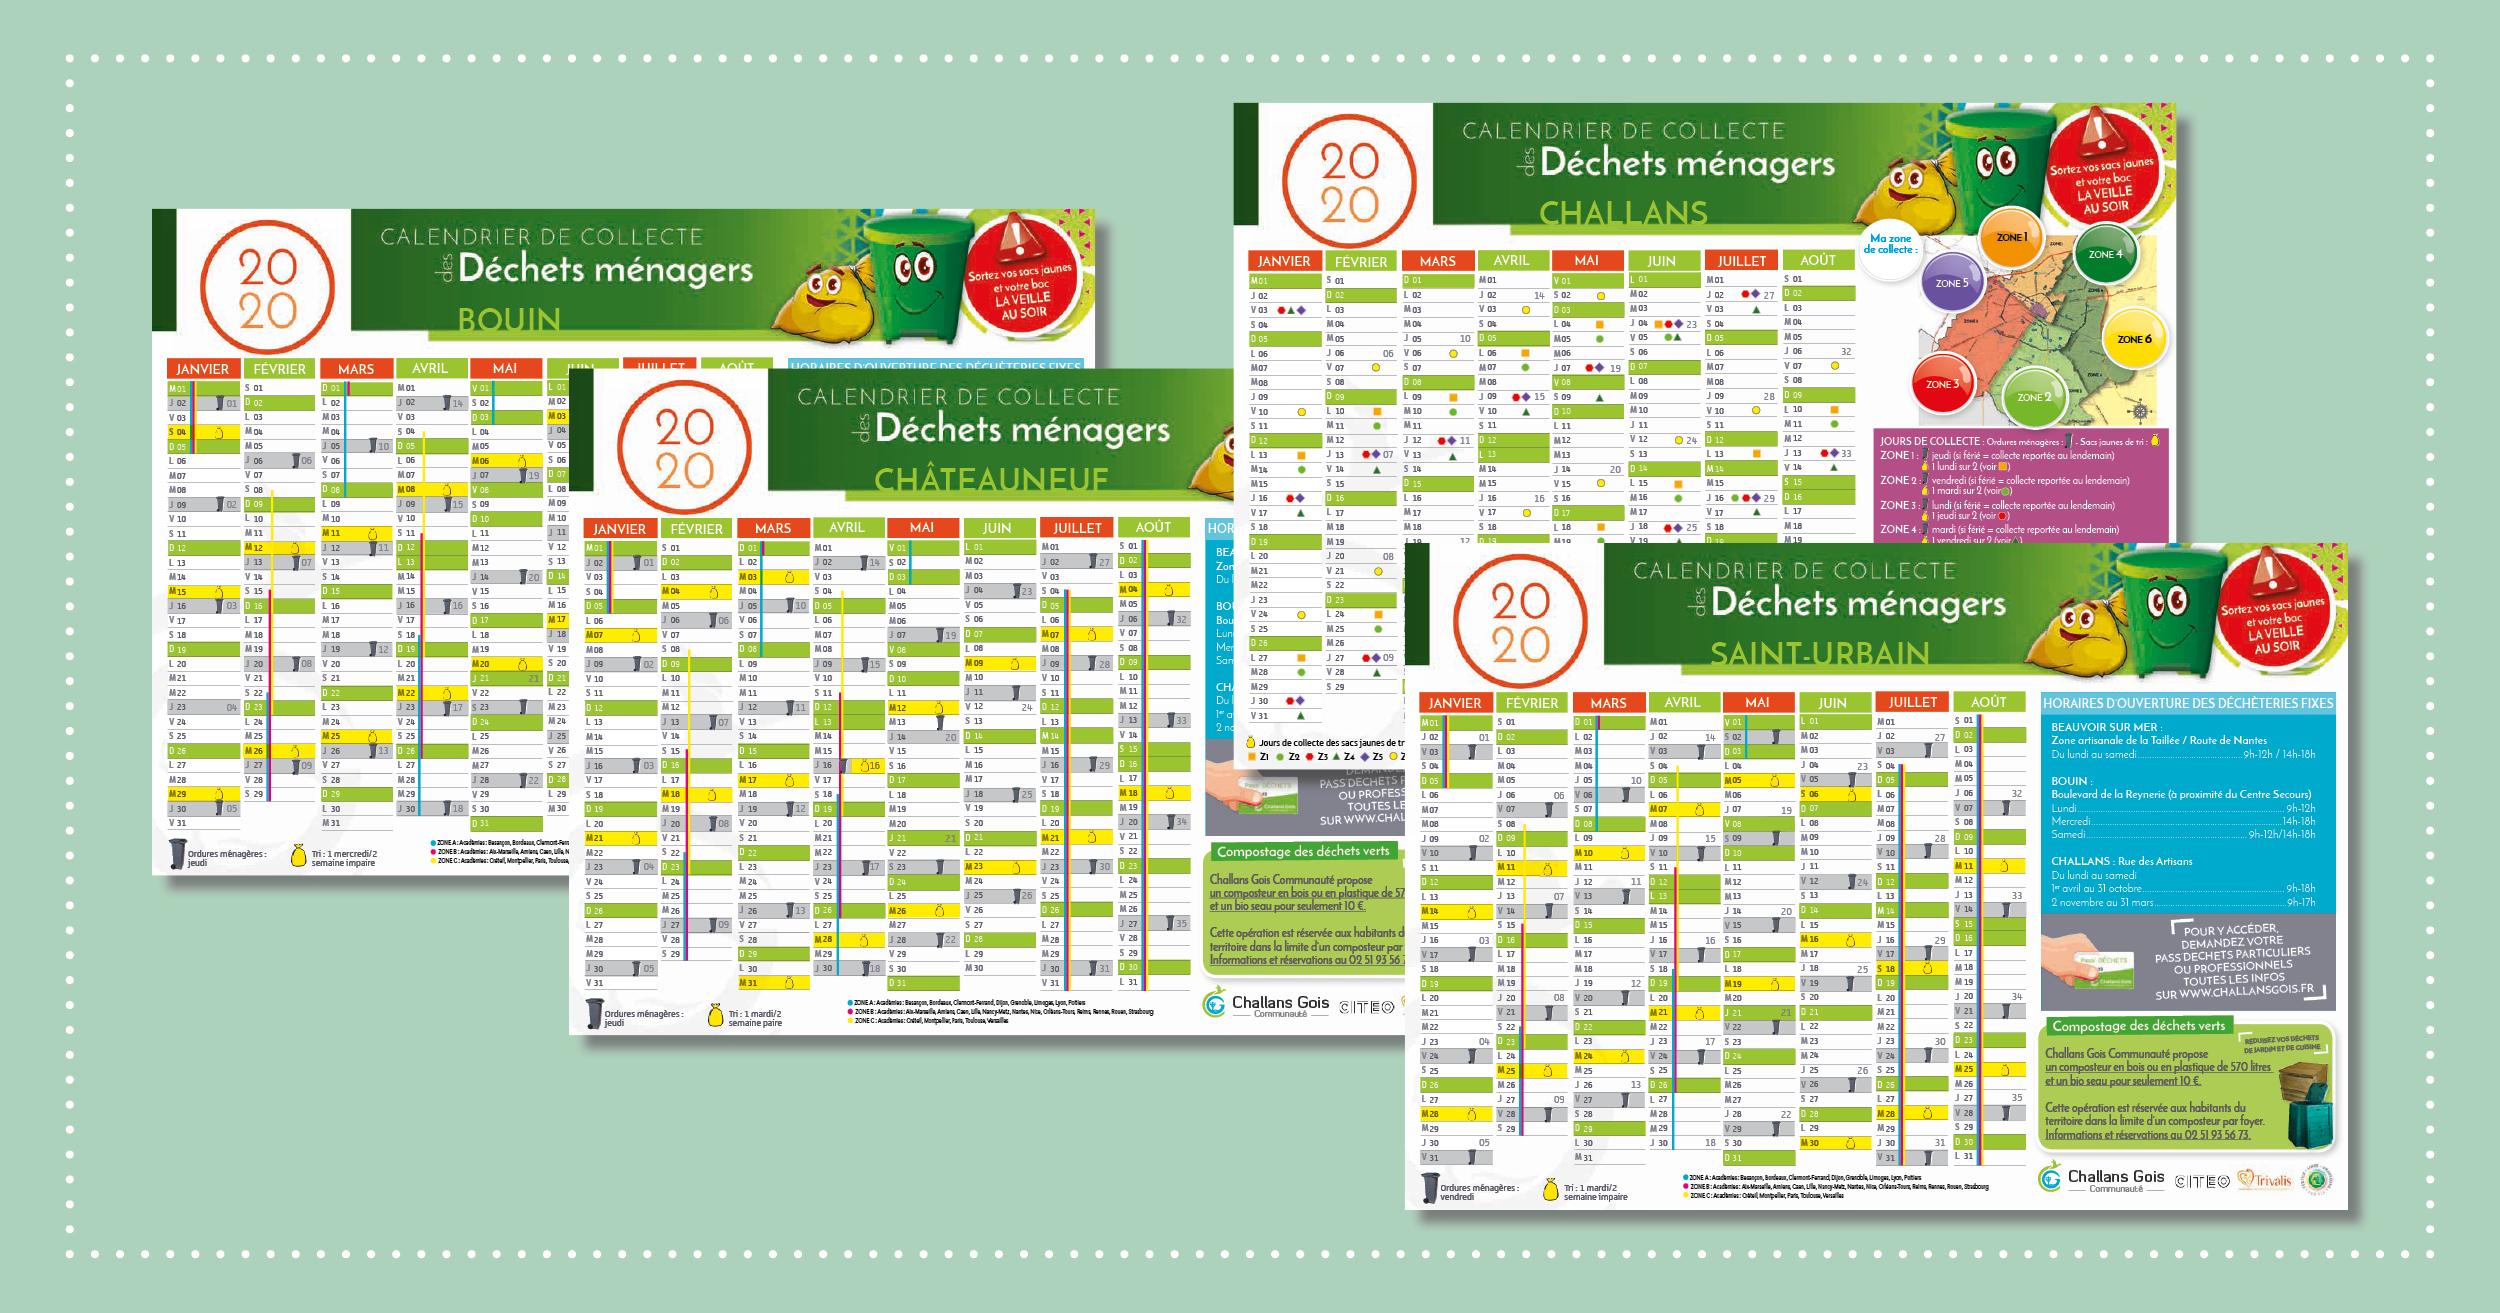 Le calendrier de collecte des déchets